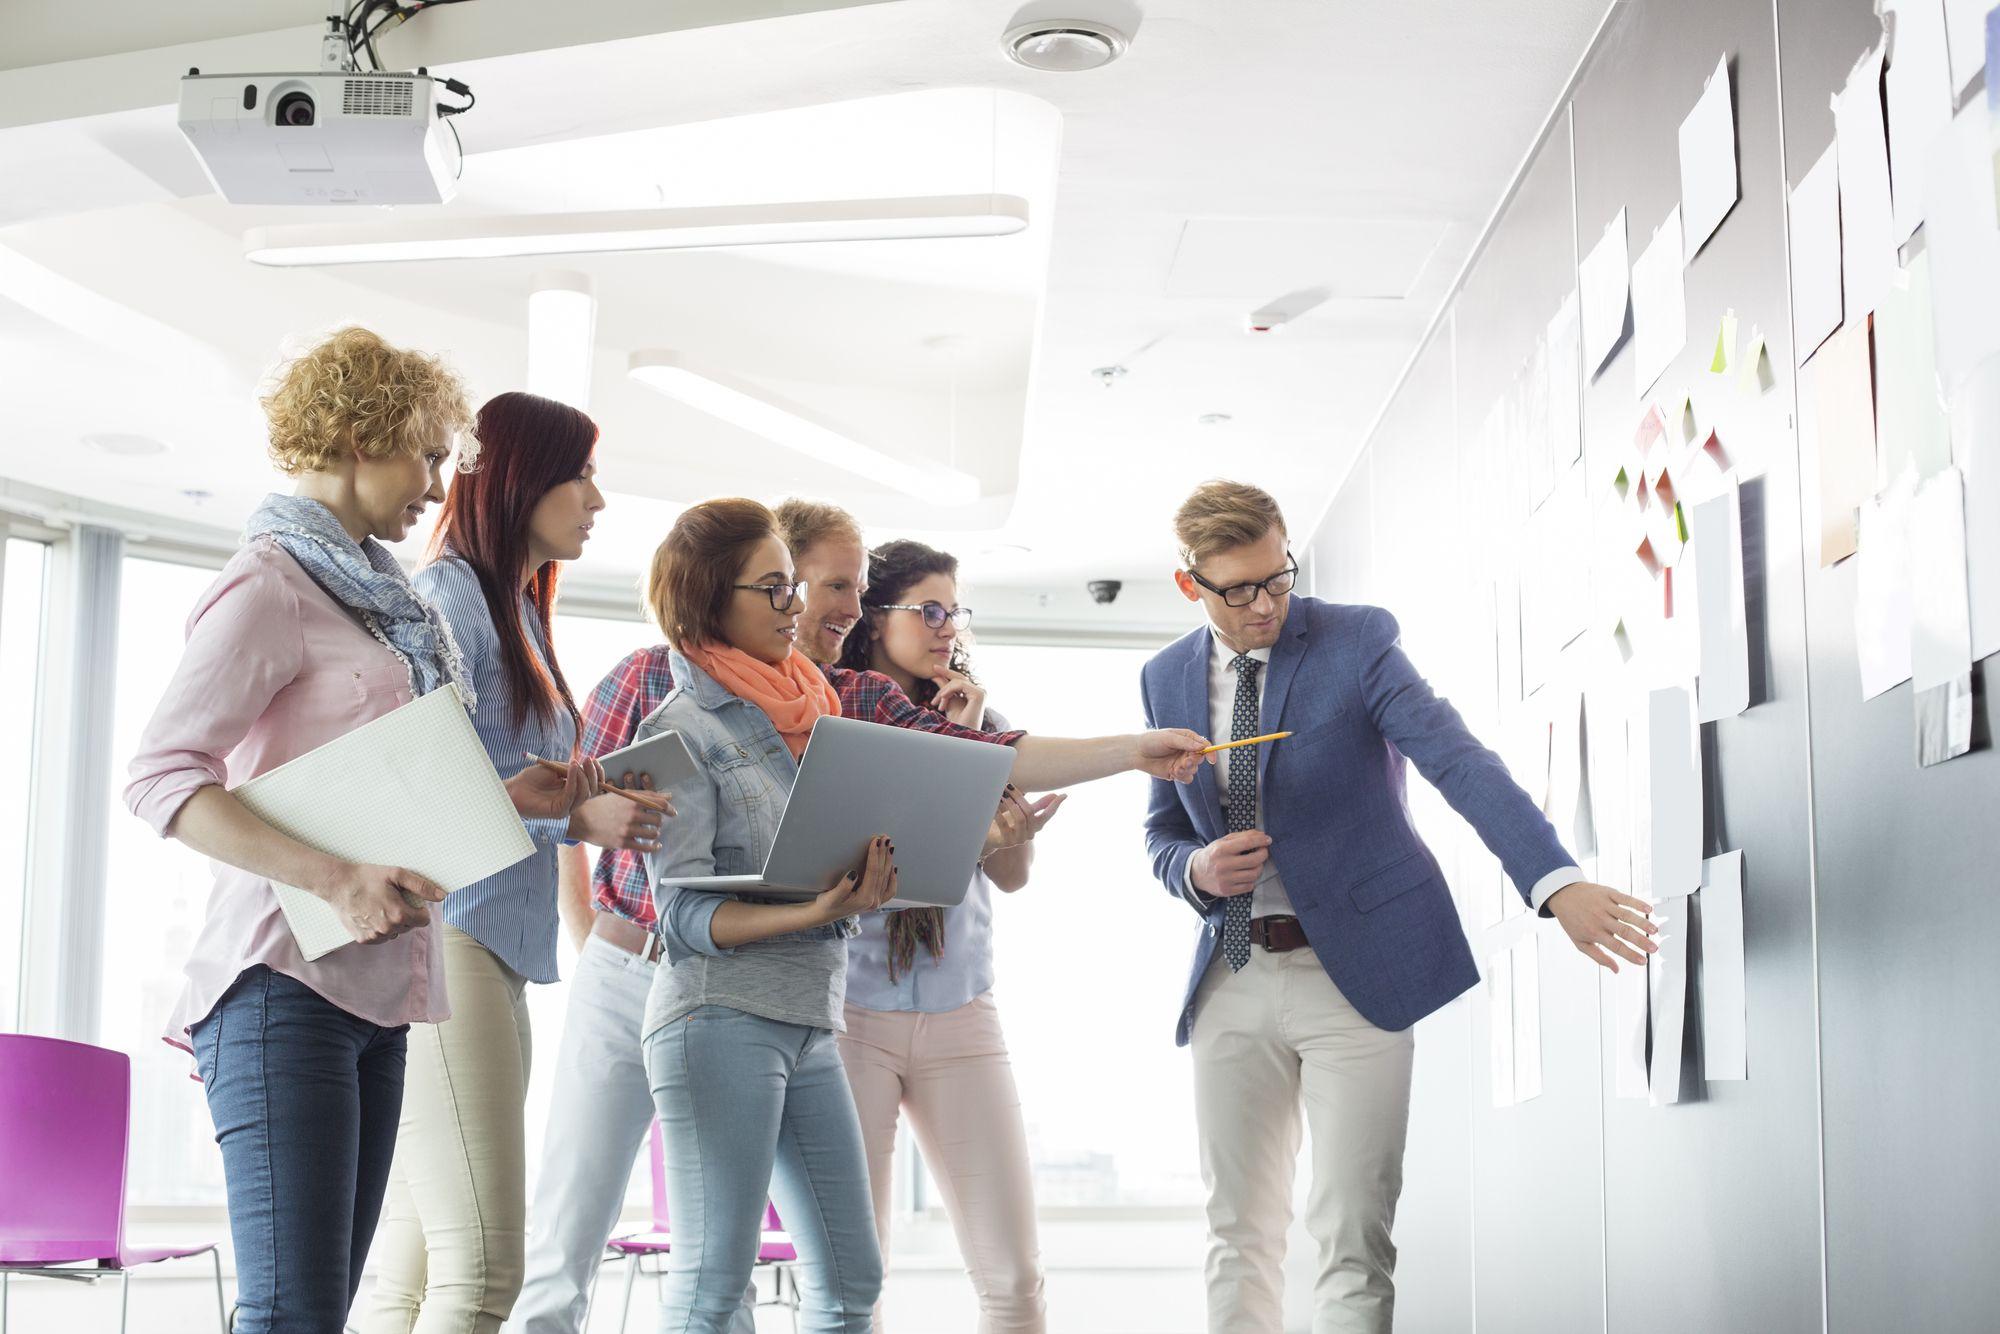 Marketing Digital para startups: o que não pode faltar no seu planejamento?